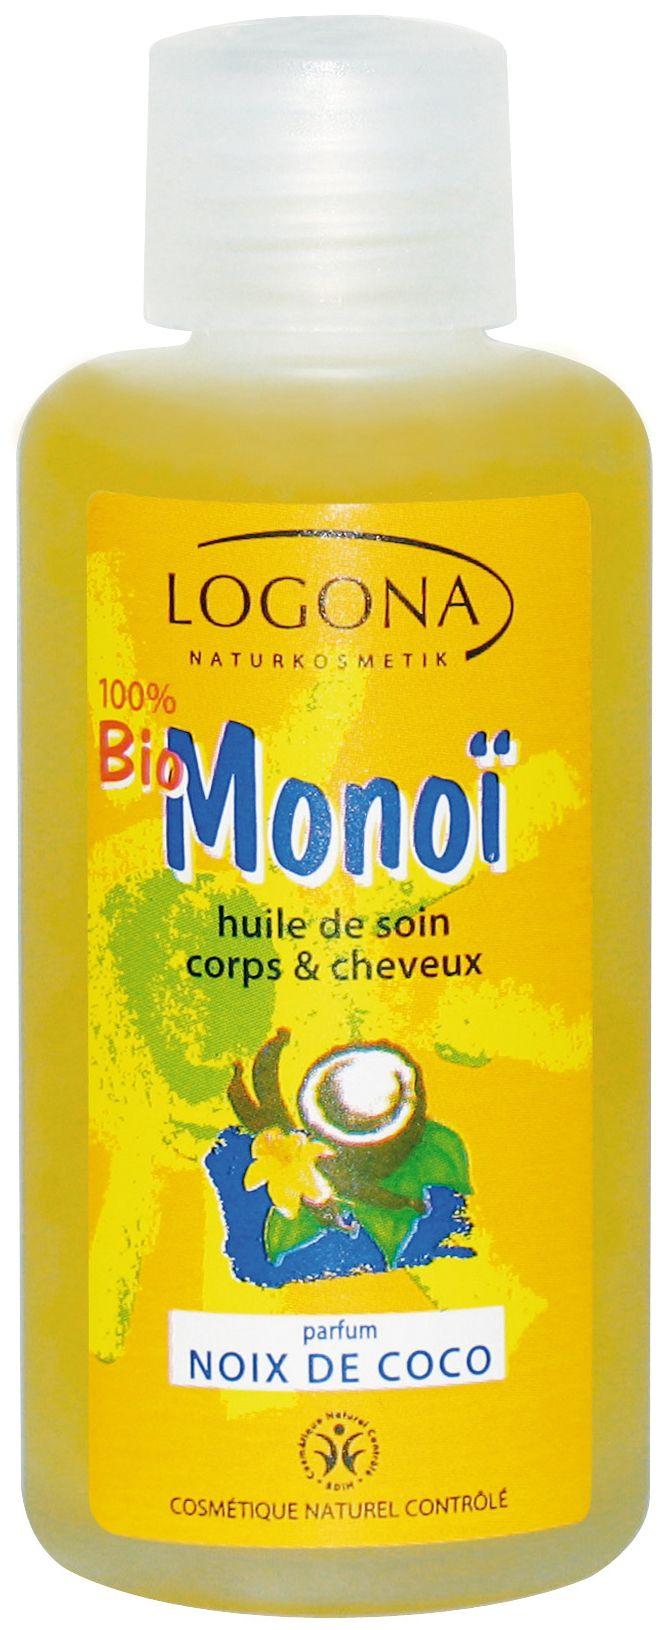 Logona - MONOÏ BIO Noix de Coco Huile de Soin Corps & Cheveux 100 ml - Boutique bio